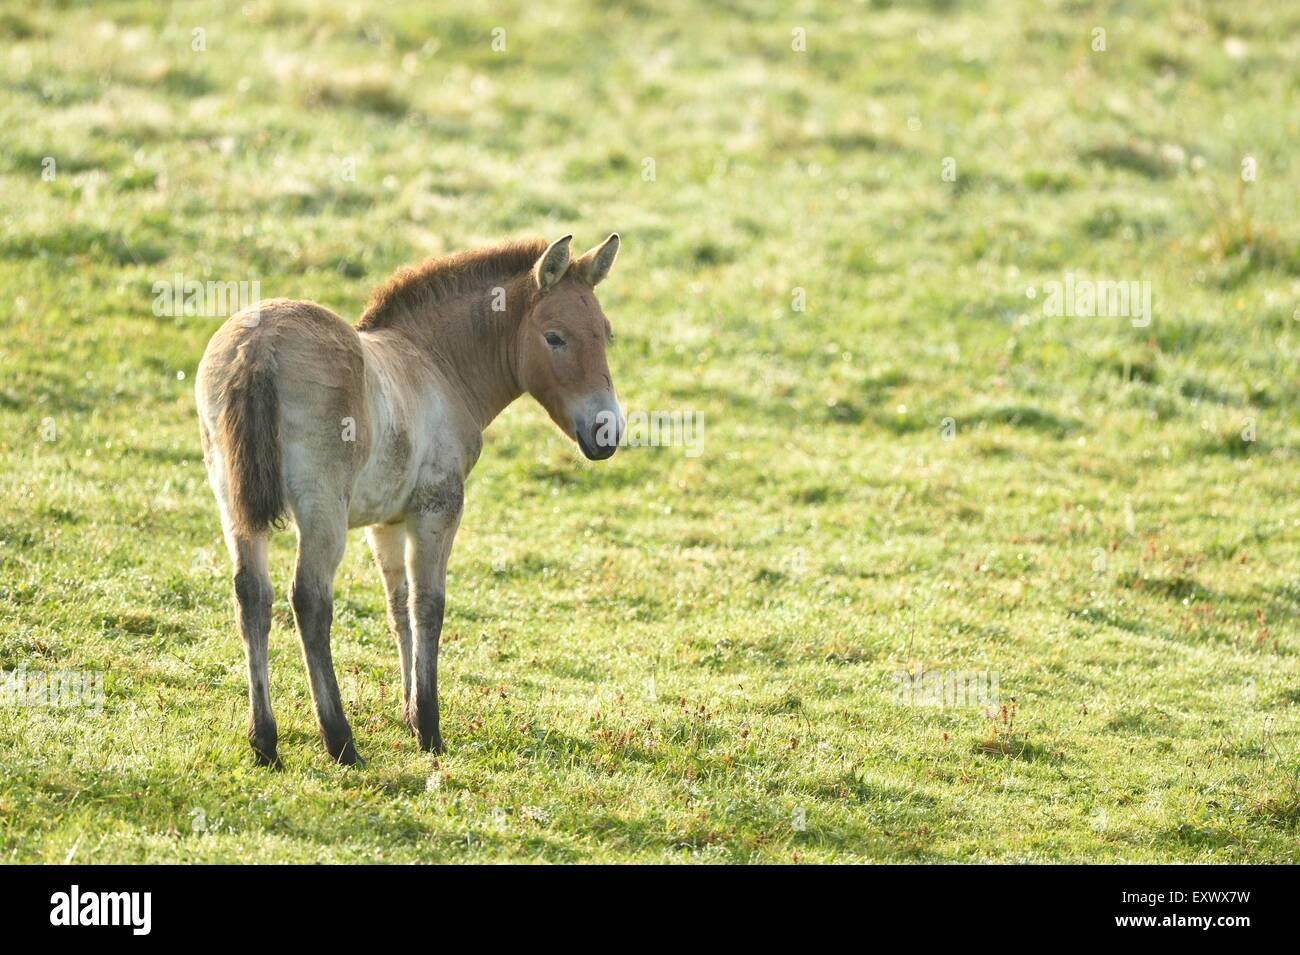 Przewalskis Horse, Equus ferus przewalskii, Bavarian Forest, Bavaria, Germany, Europe - Stock Image